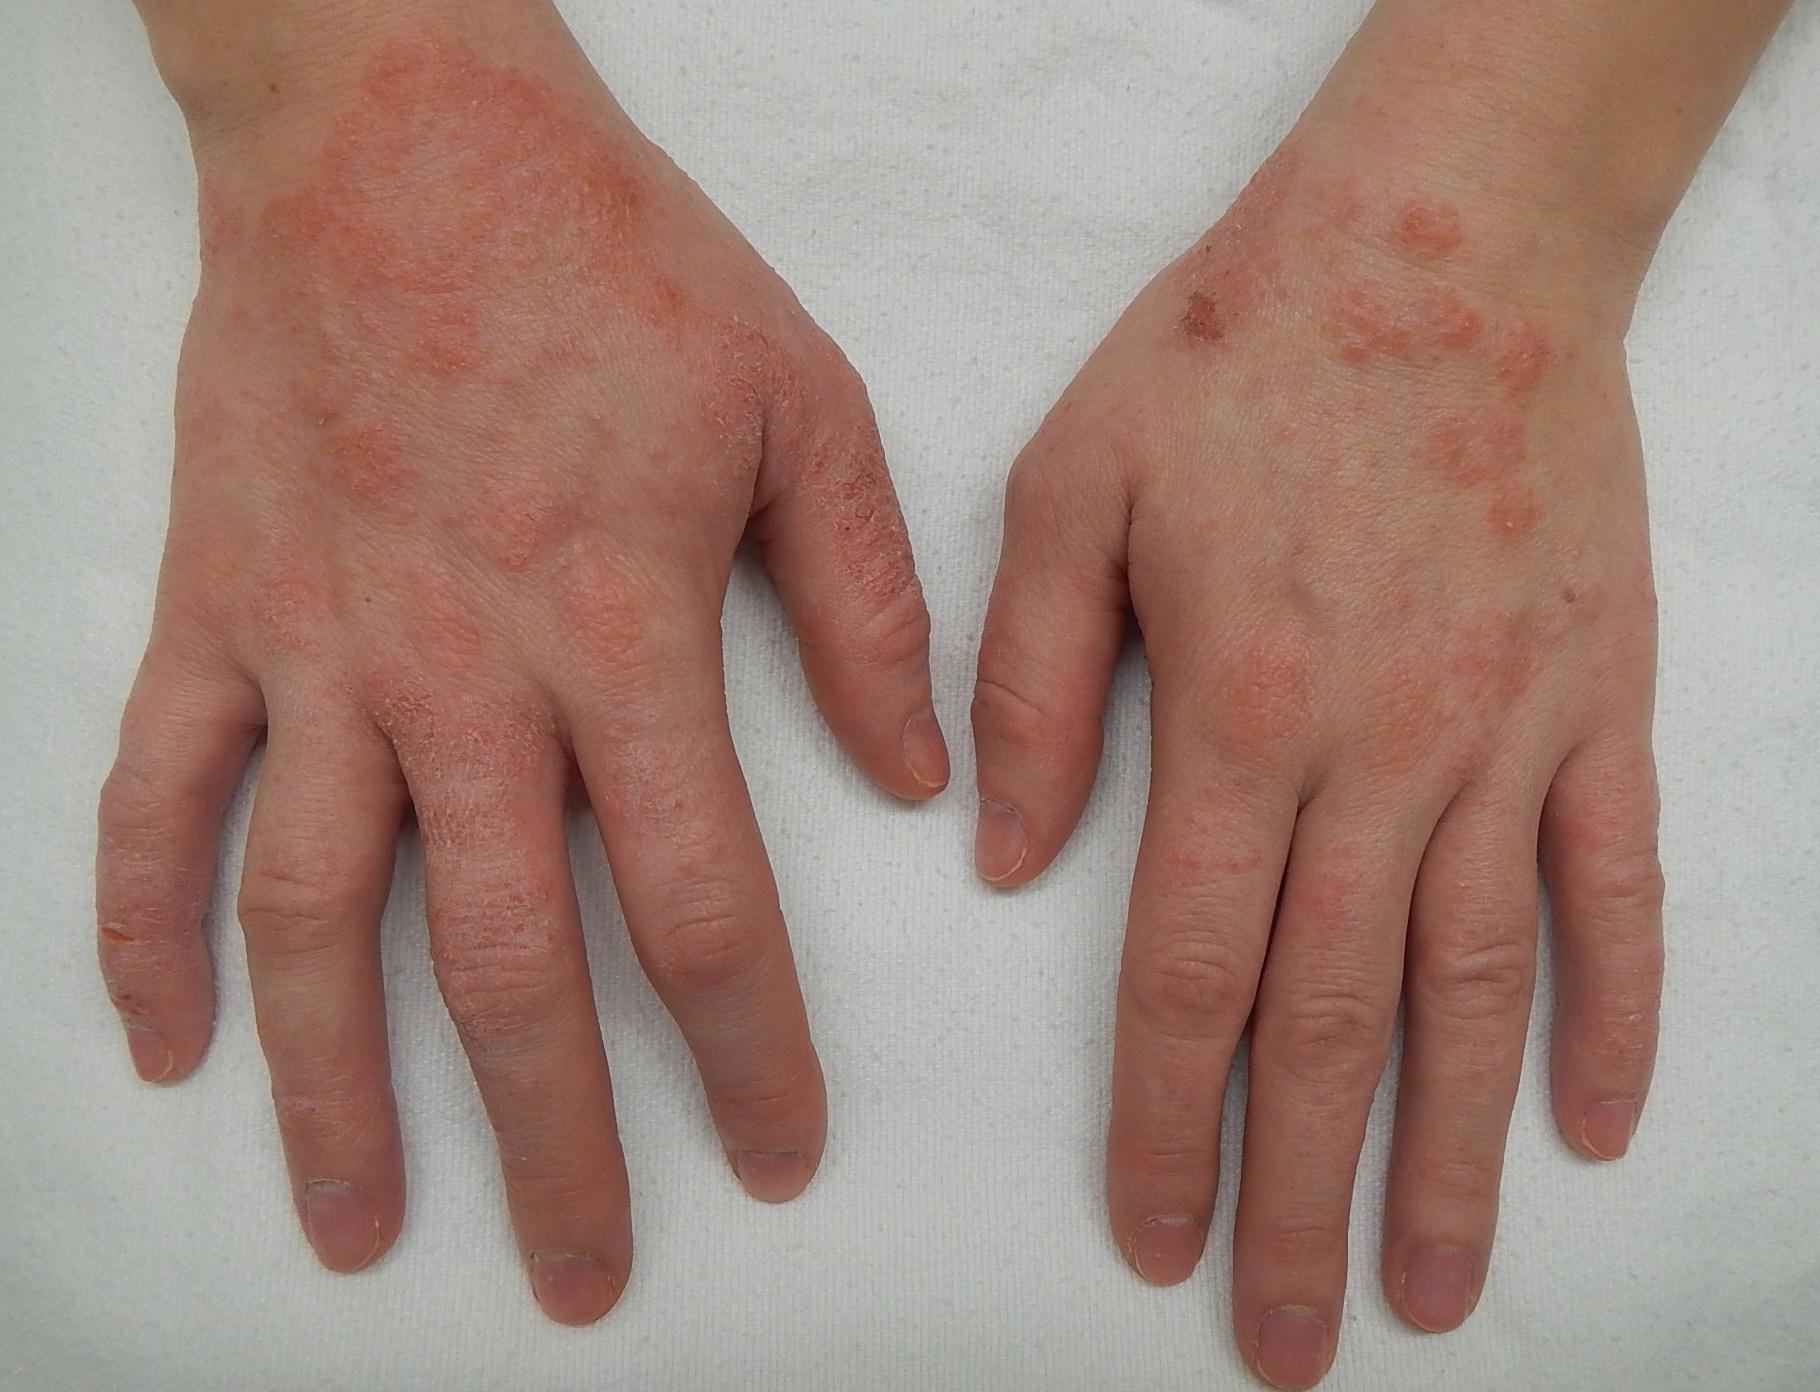 pikkelysömör a kezen hogyan kell kezelni az aloe pikkelysömör gyógyítja